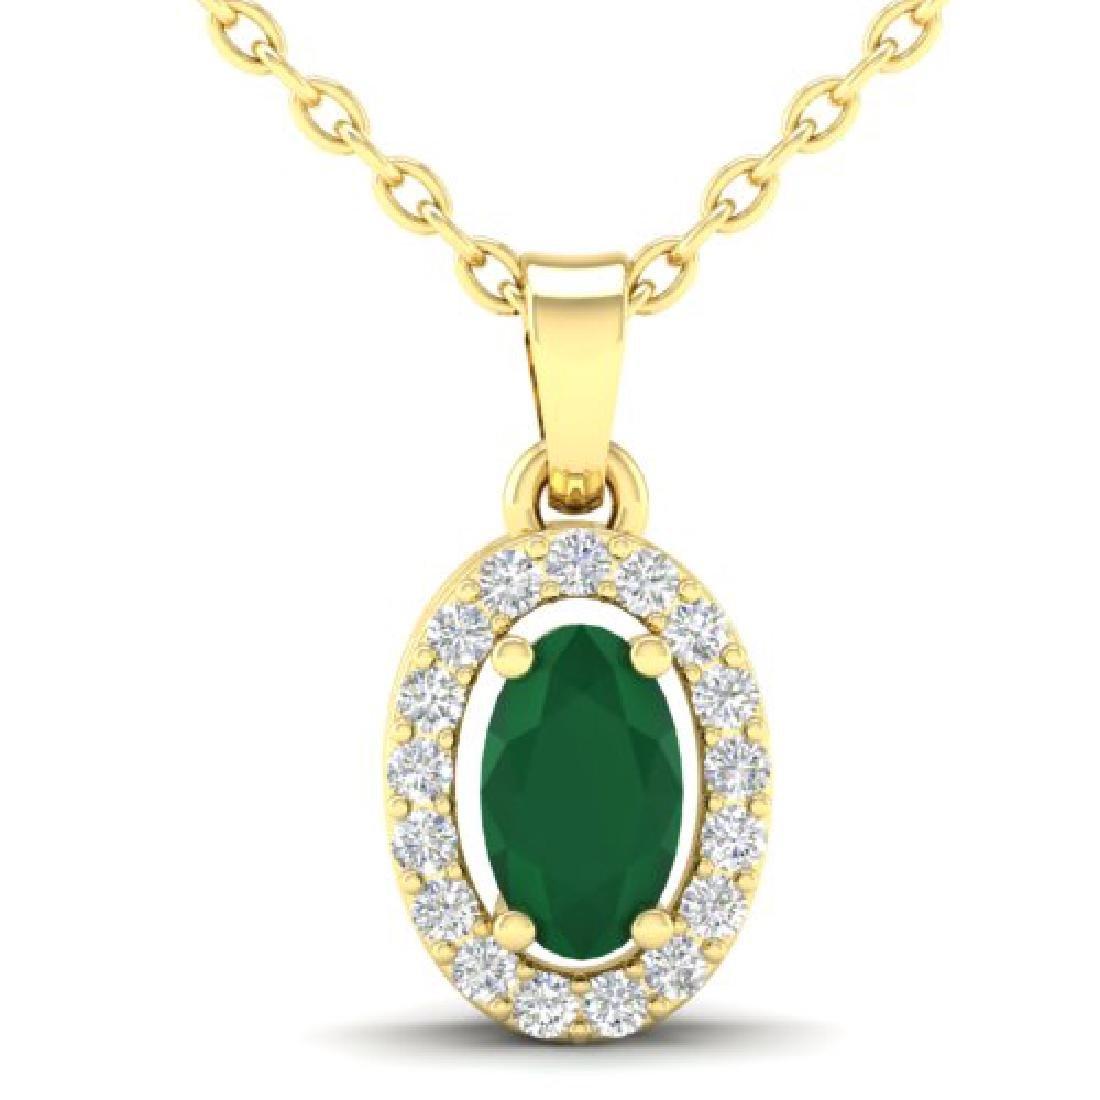 0.51 CTW Emerald & Micro Pave VS/SI Diamond Necklace